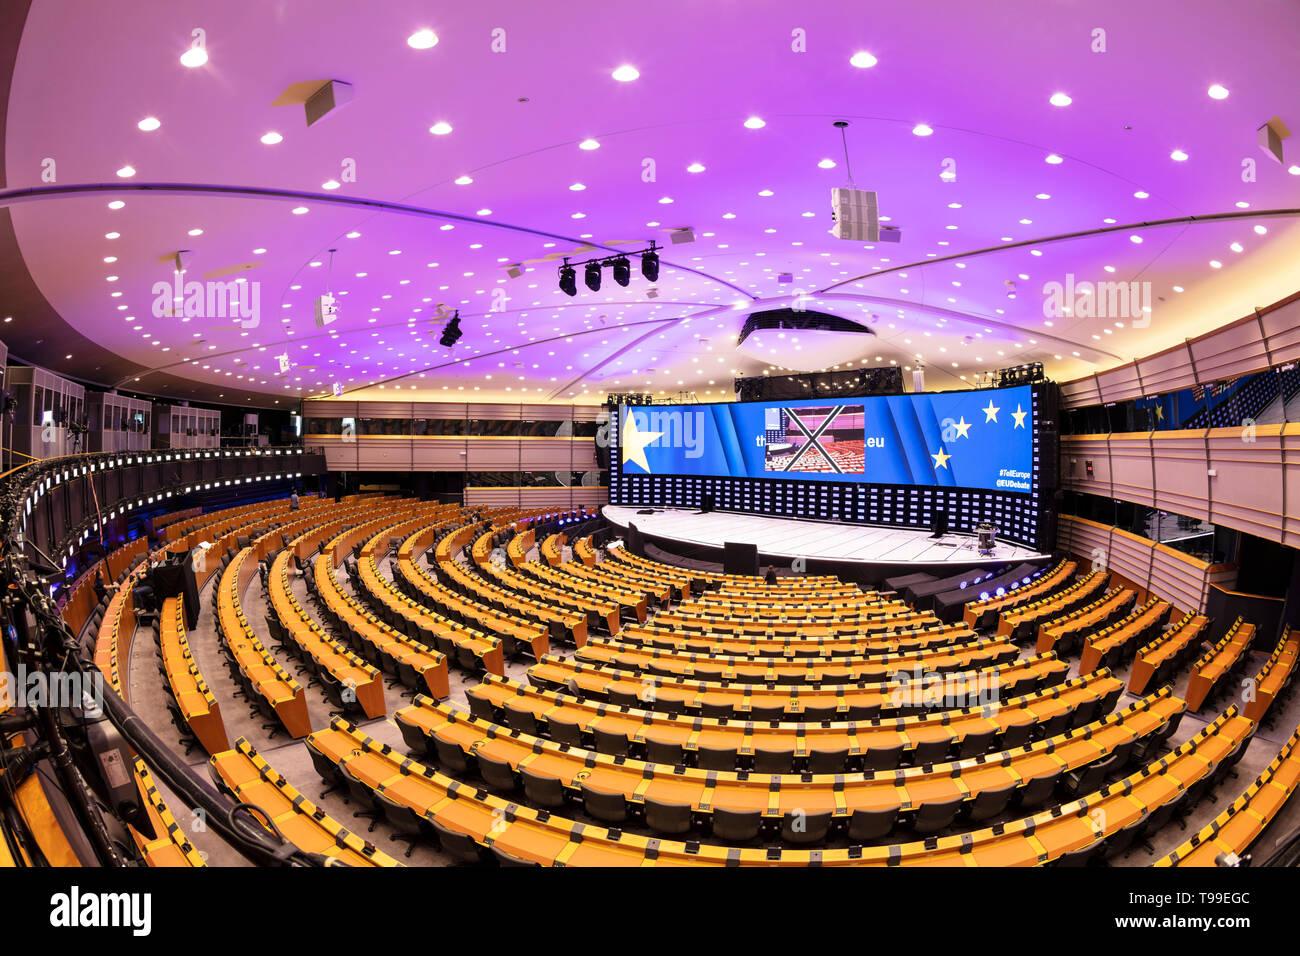 L'emiciclo interno o il Parlamento europeo camera, sala plenaria, Galleria dell'edificio del Parlamento Europeo a Bruxelles Belgio UE Europa Immagini Stock